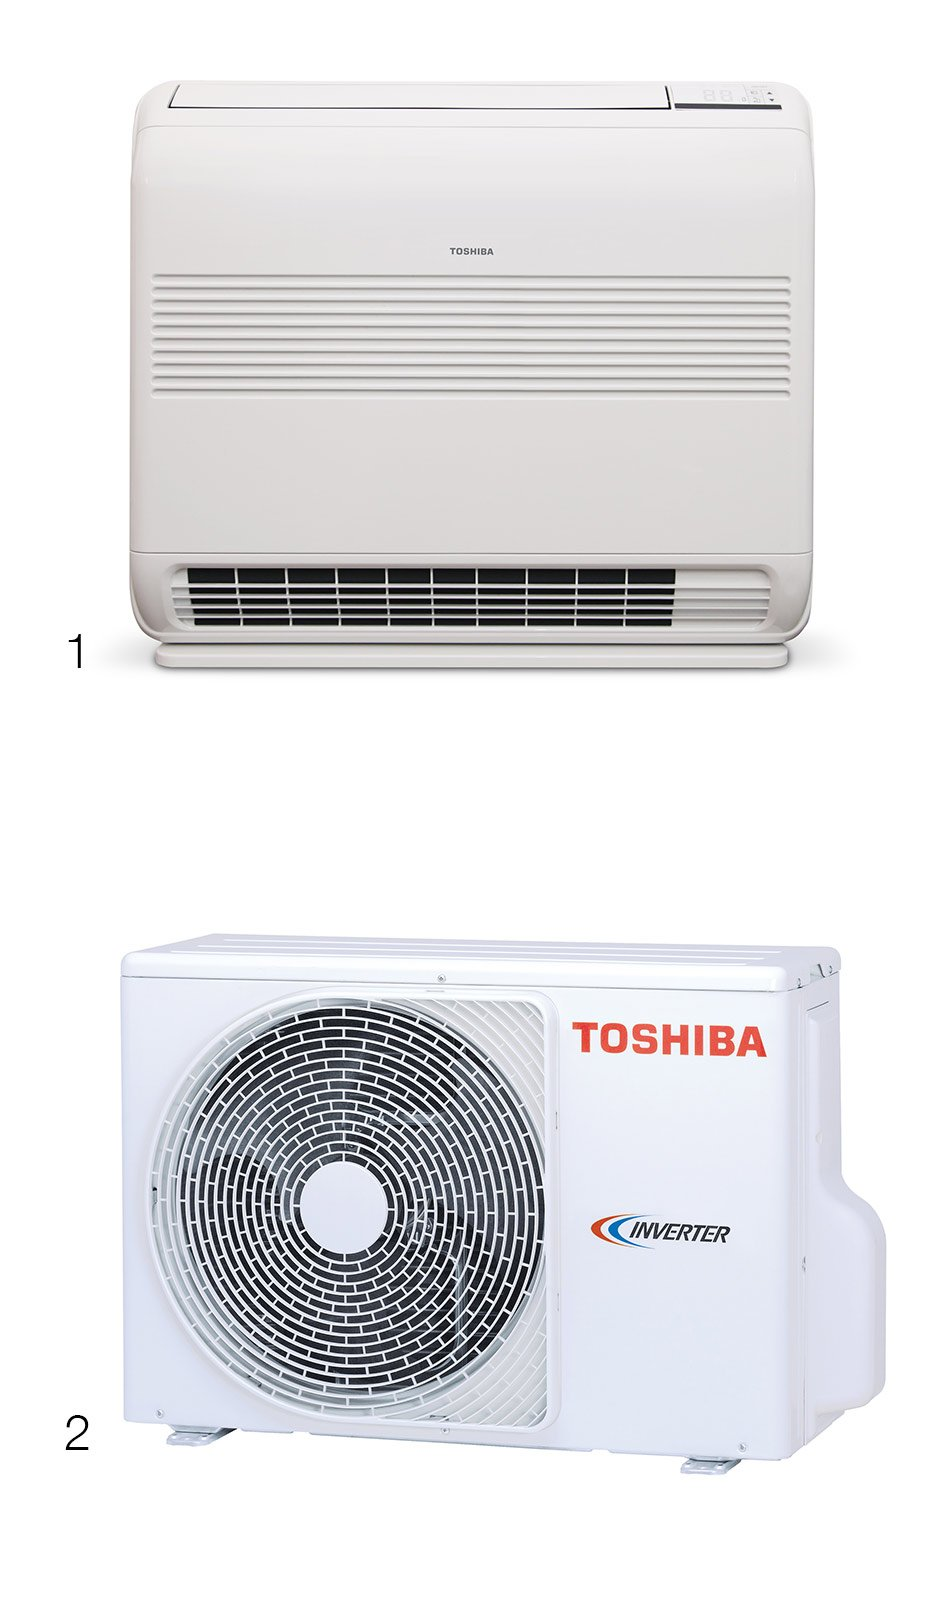 Charming Toshiba Console Unità Interna